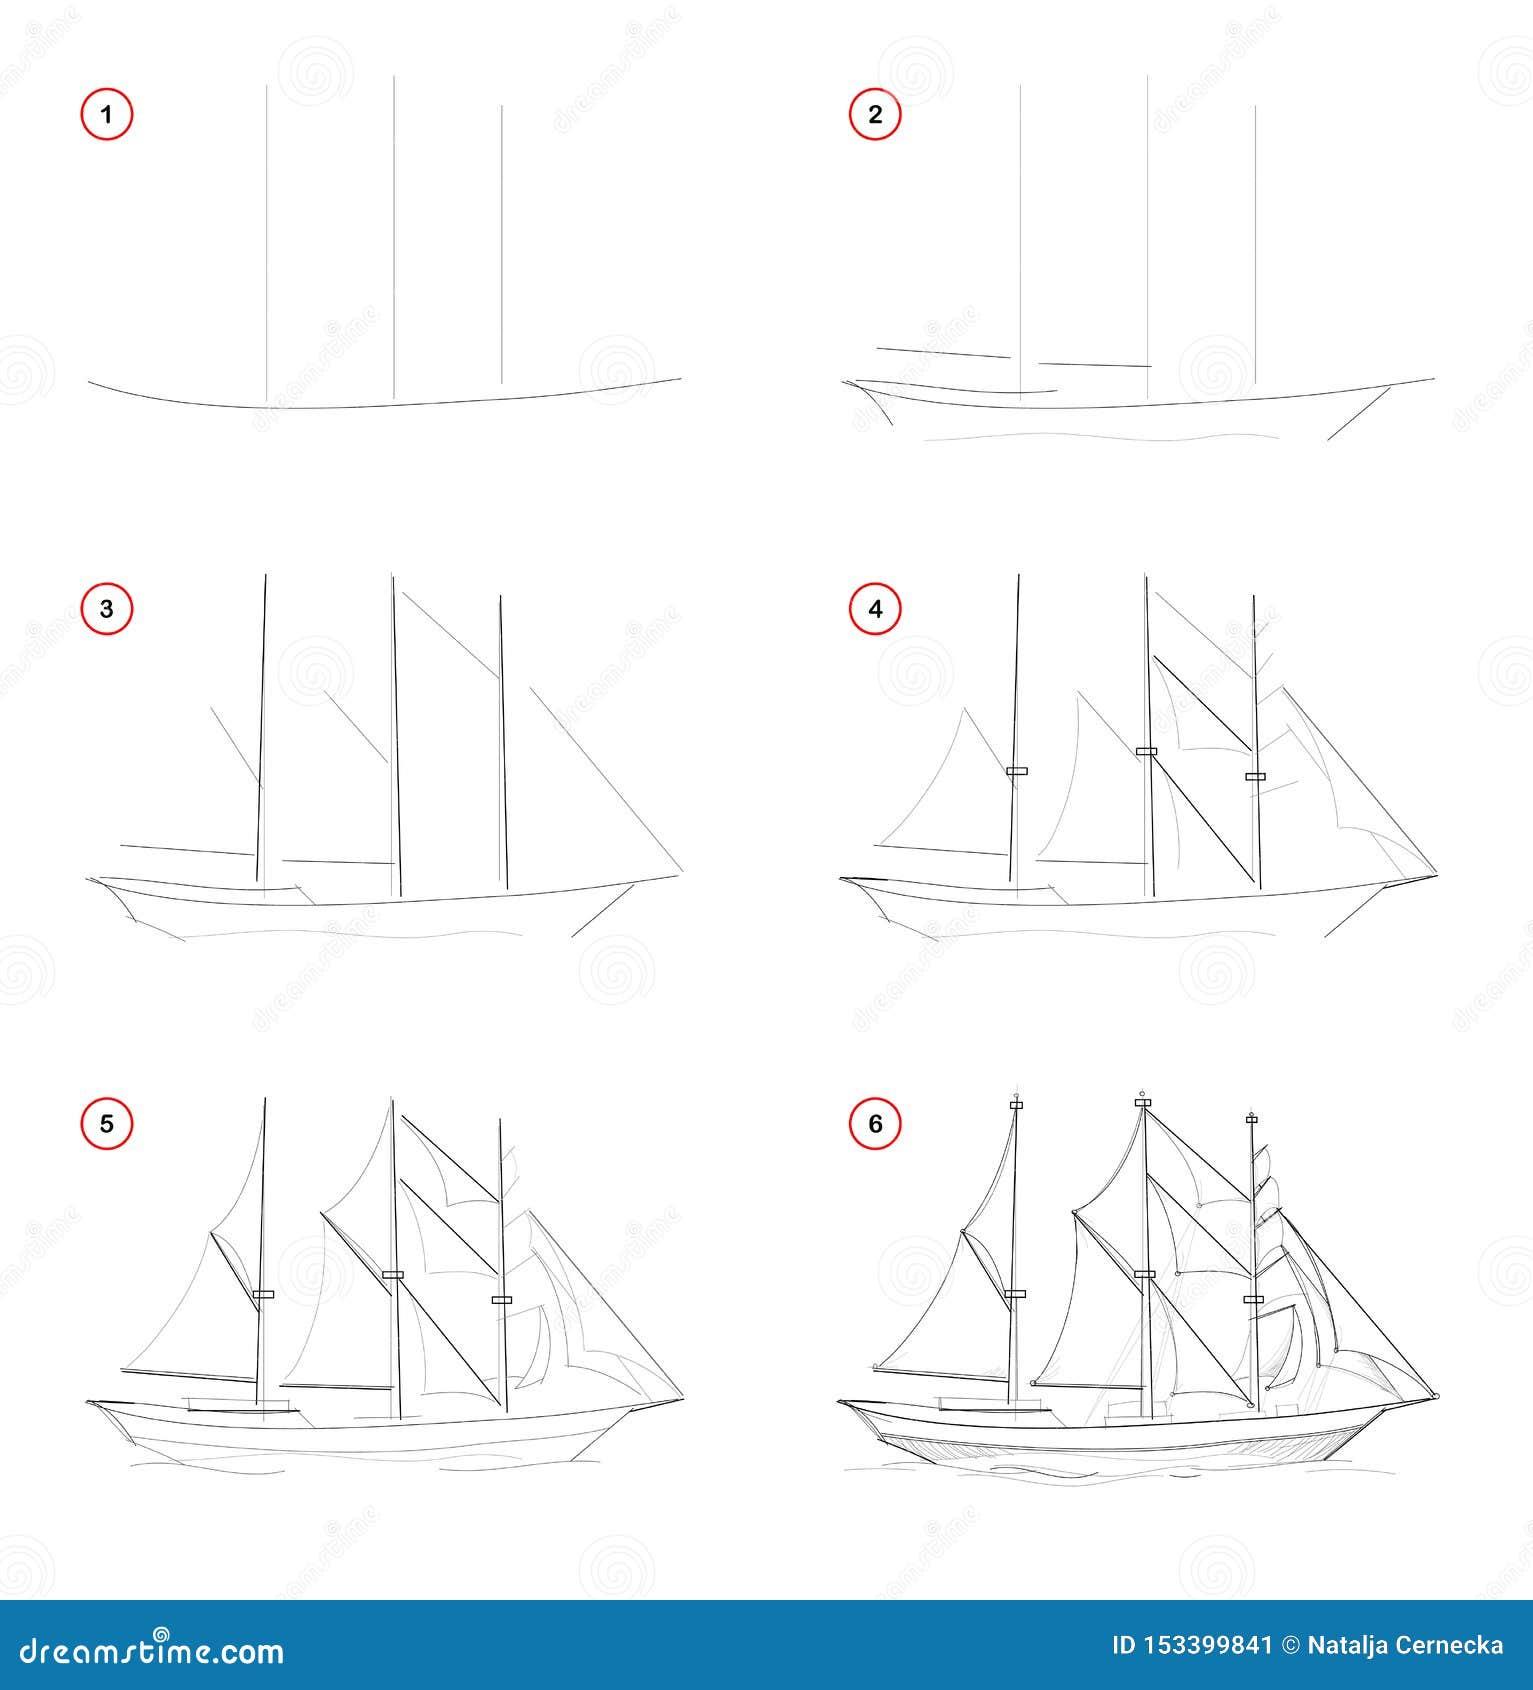 Steg-för-steg blyertspennateckning för skapelse Sidan visar hur man lär attraktion för att skissa av det imaginära tre-masted seg